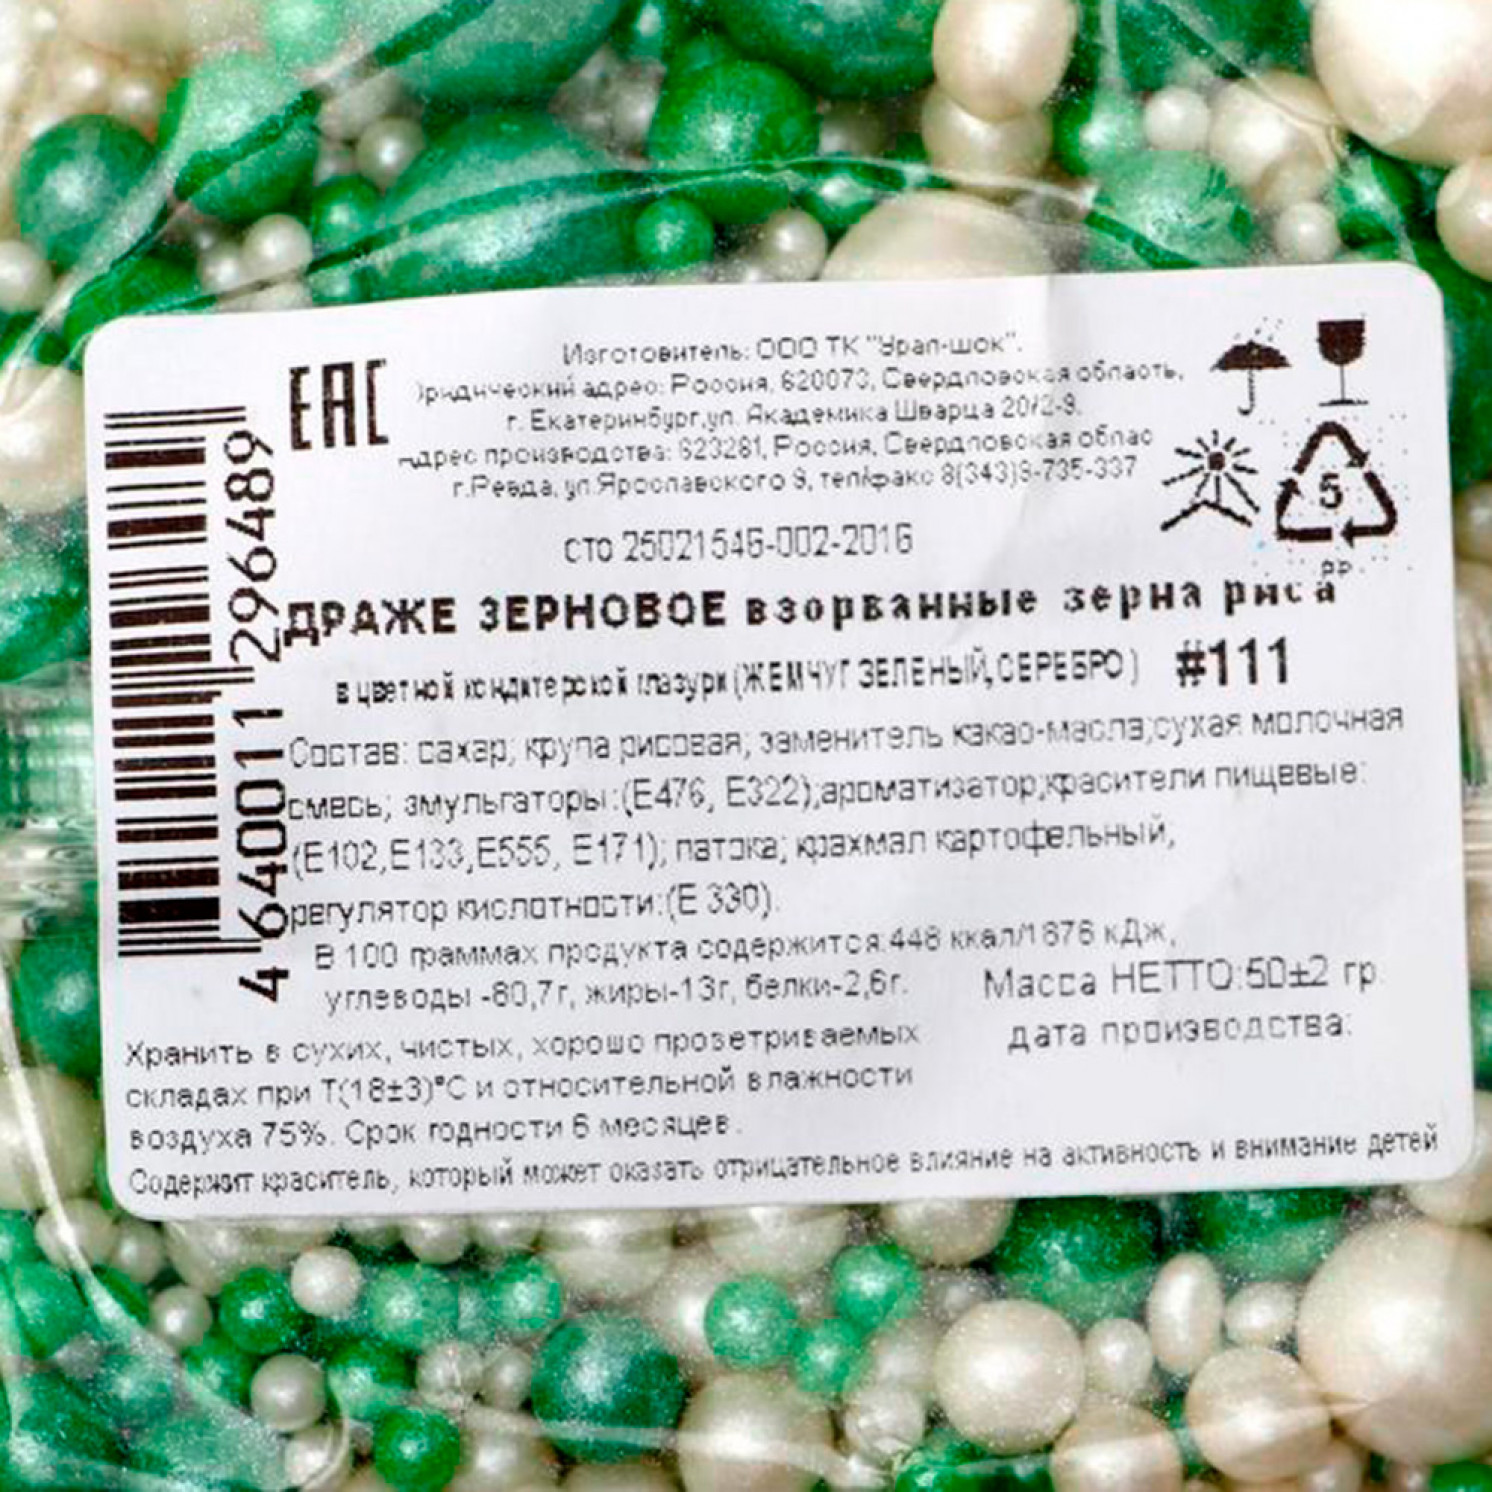 Драже «Жемчуг», взорванные зёрна риса в цветной кондитерской глазури, бело-зеленый микс, 50 г